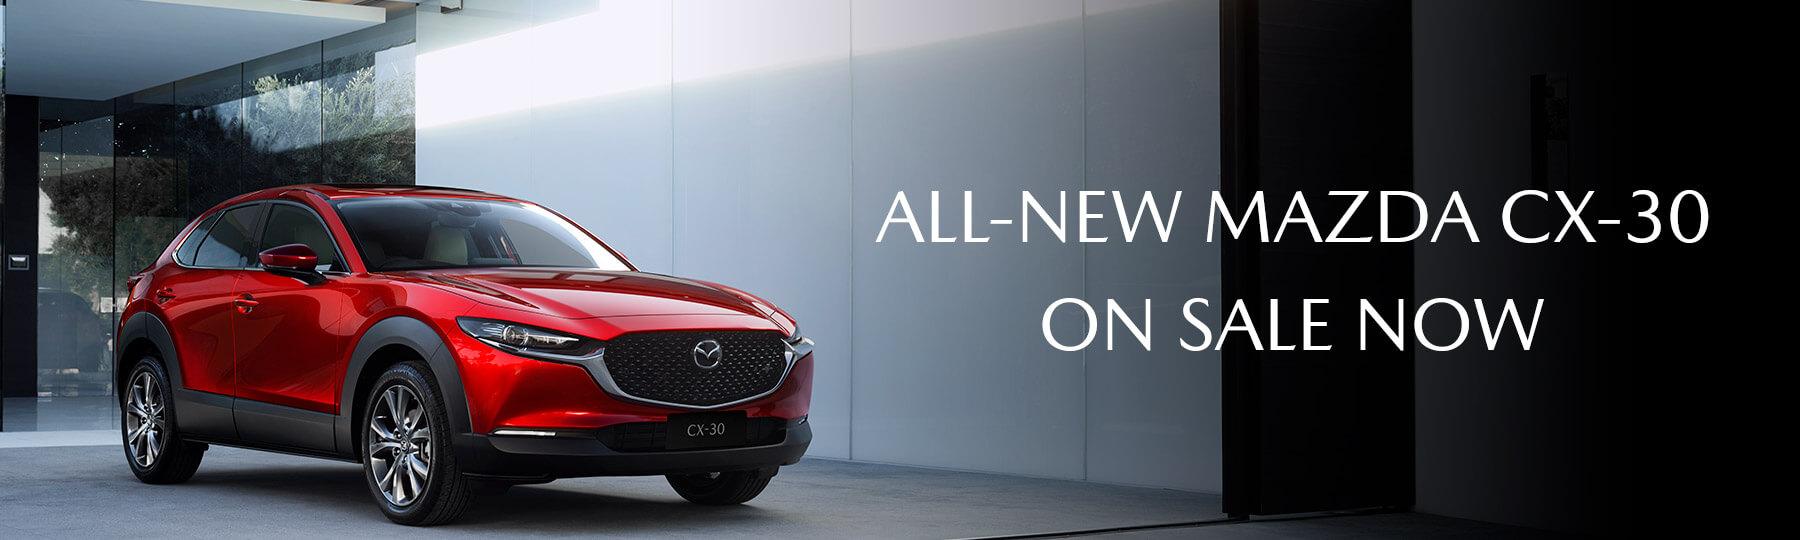 Mazda All-New CX-30